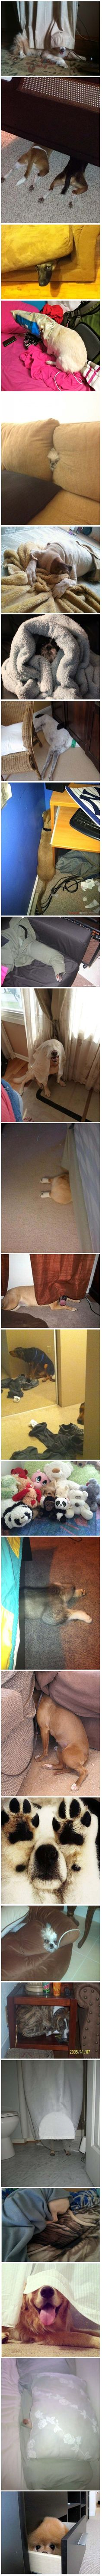 Anyone for hide and seek LOL